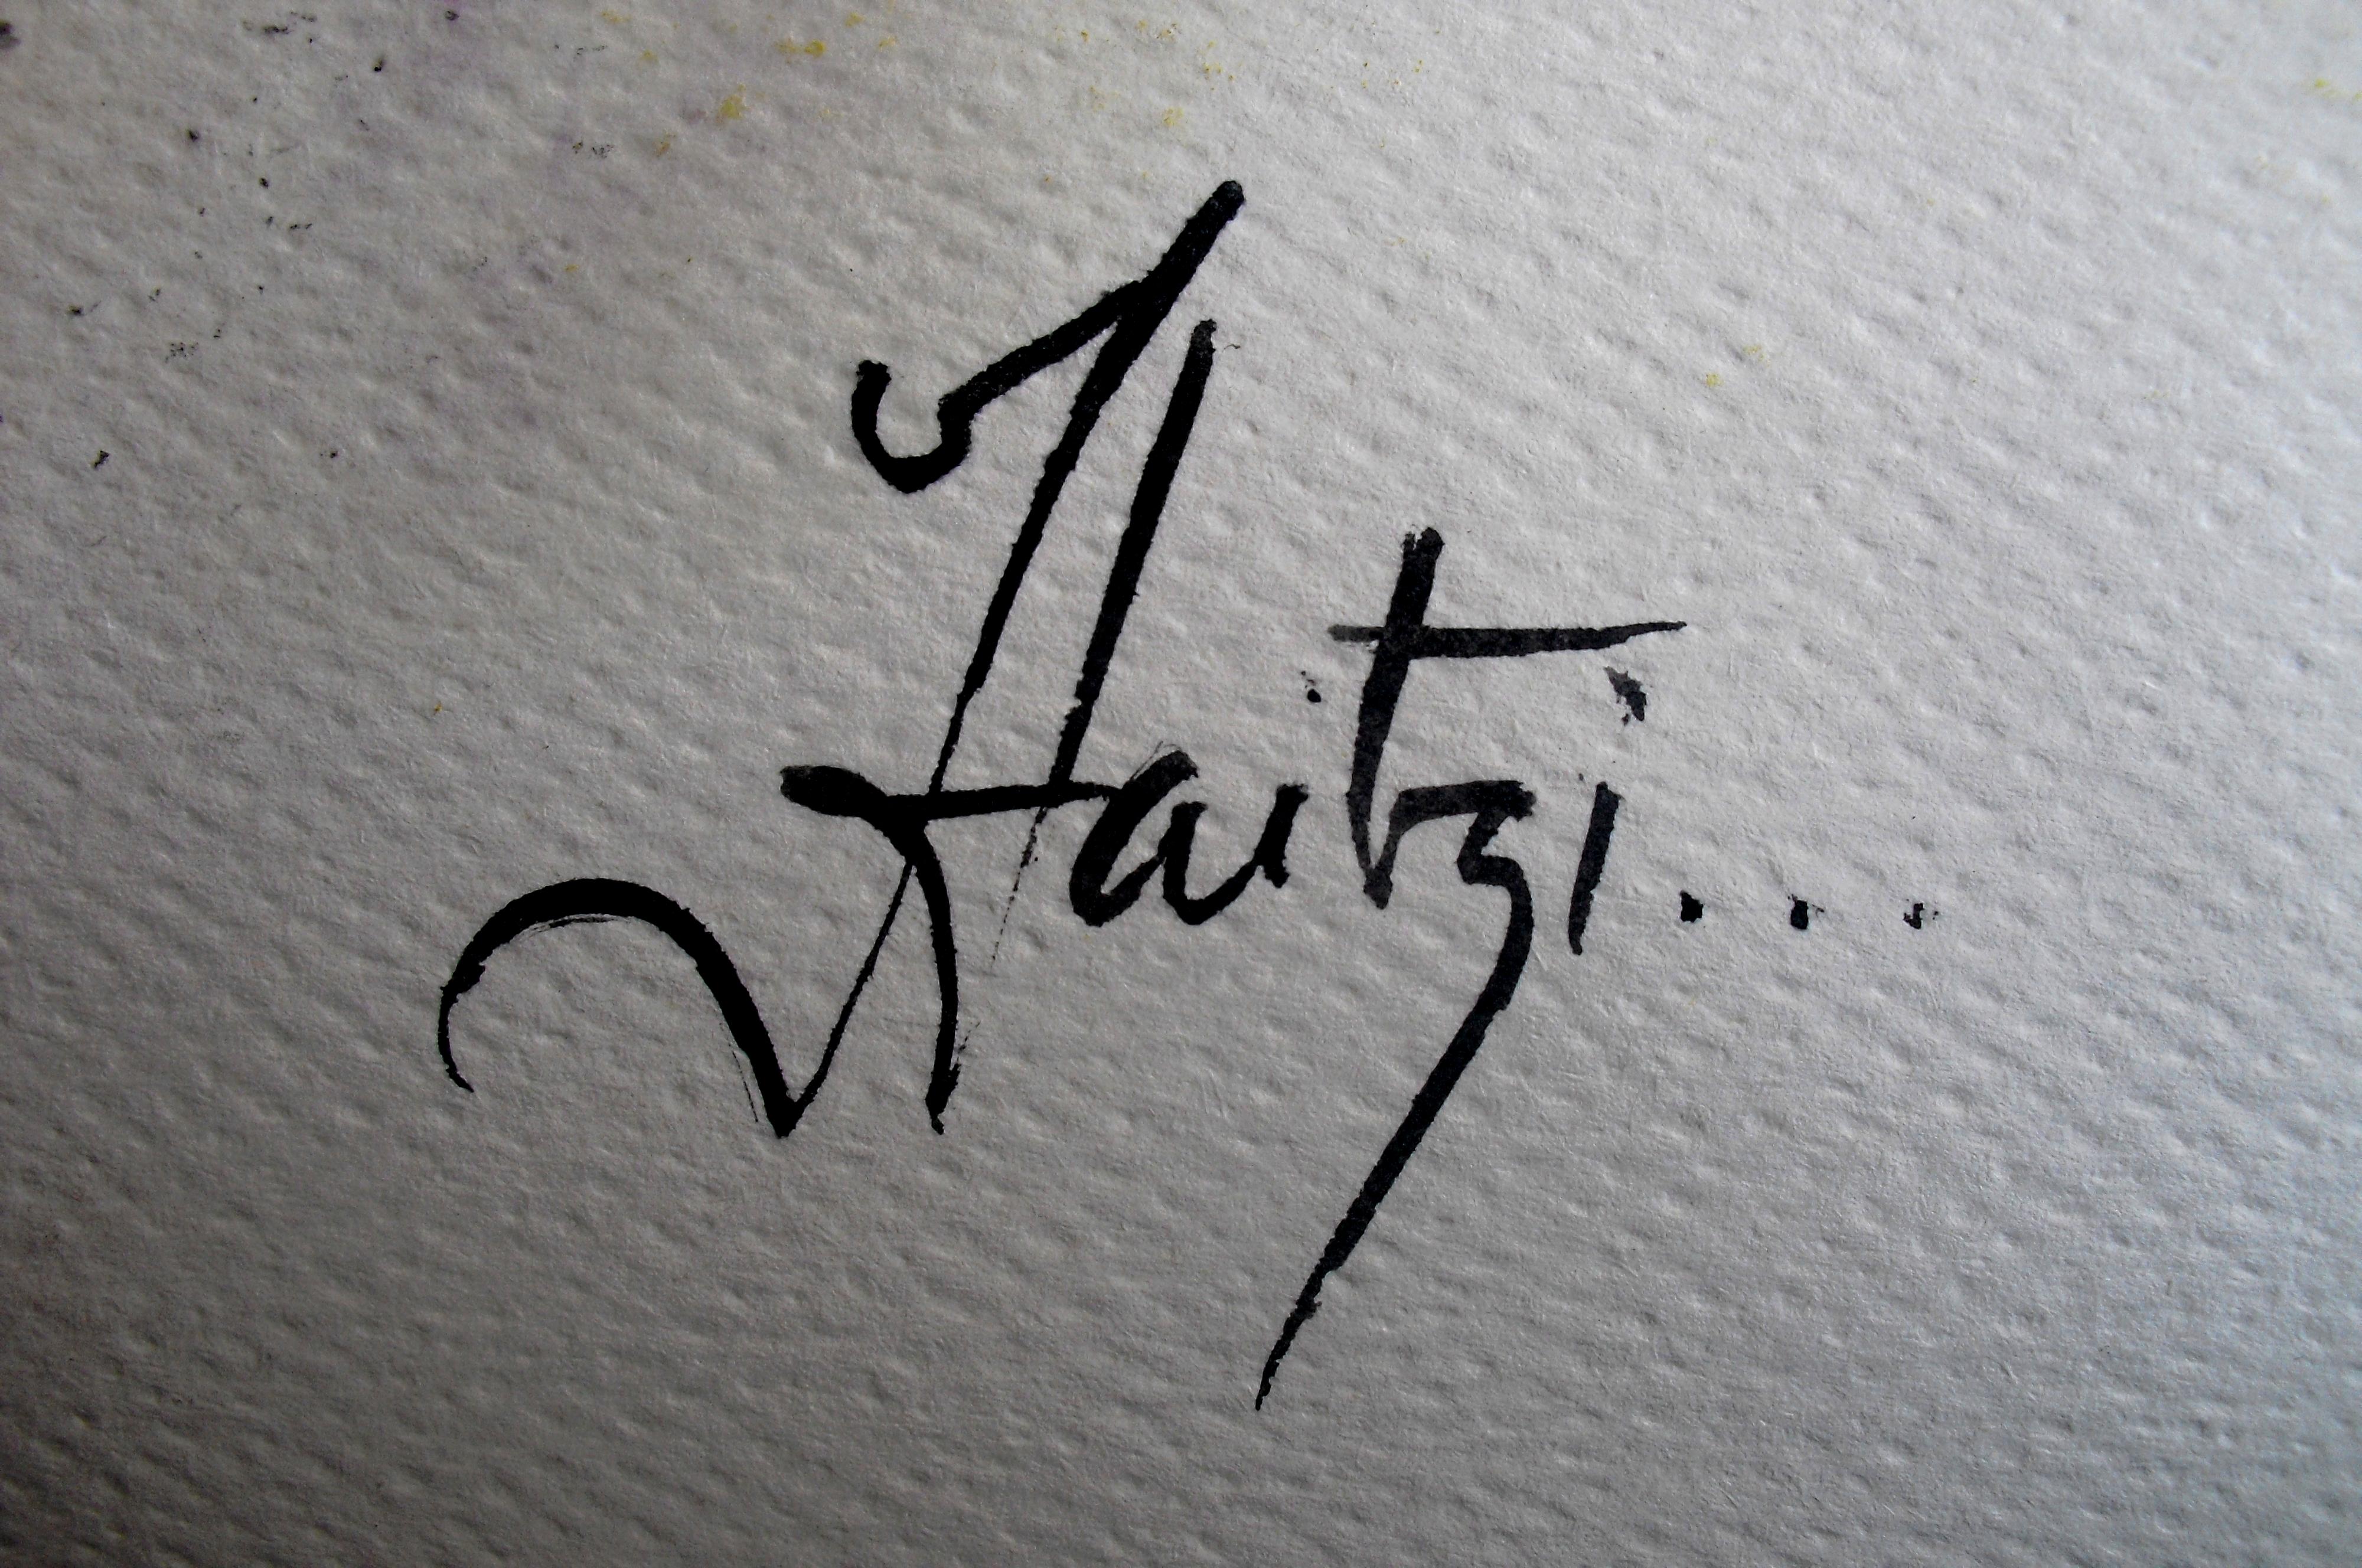 Aitziane Hacene's Signature